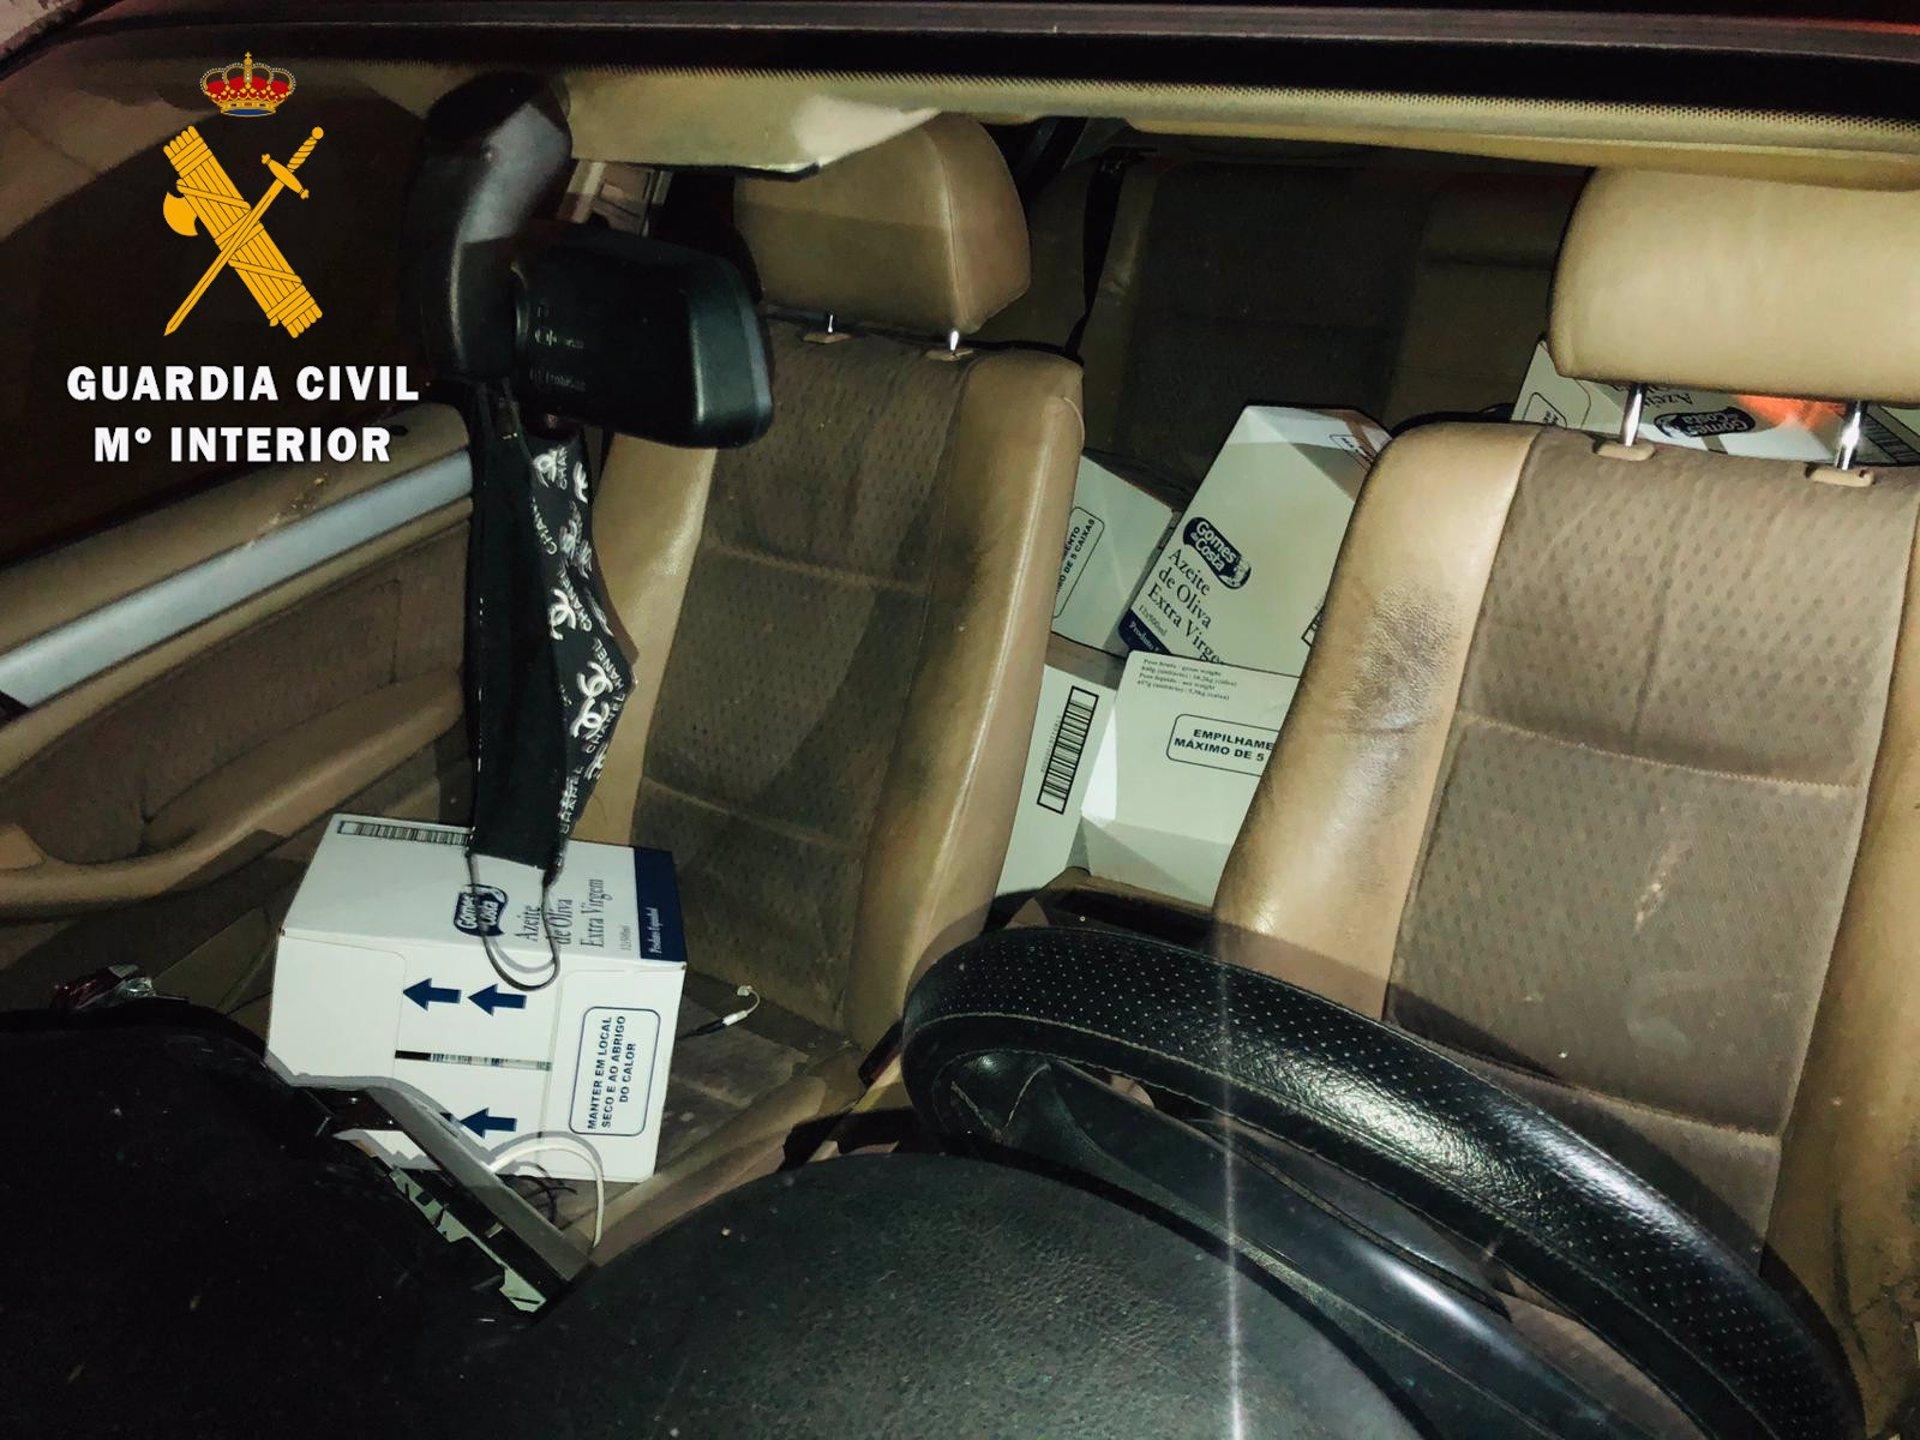 Roban 65 cajas de aceite de oliva de un camión en Maracena y encuentran el coche en Pinos Puente